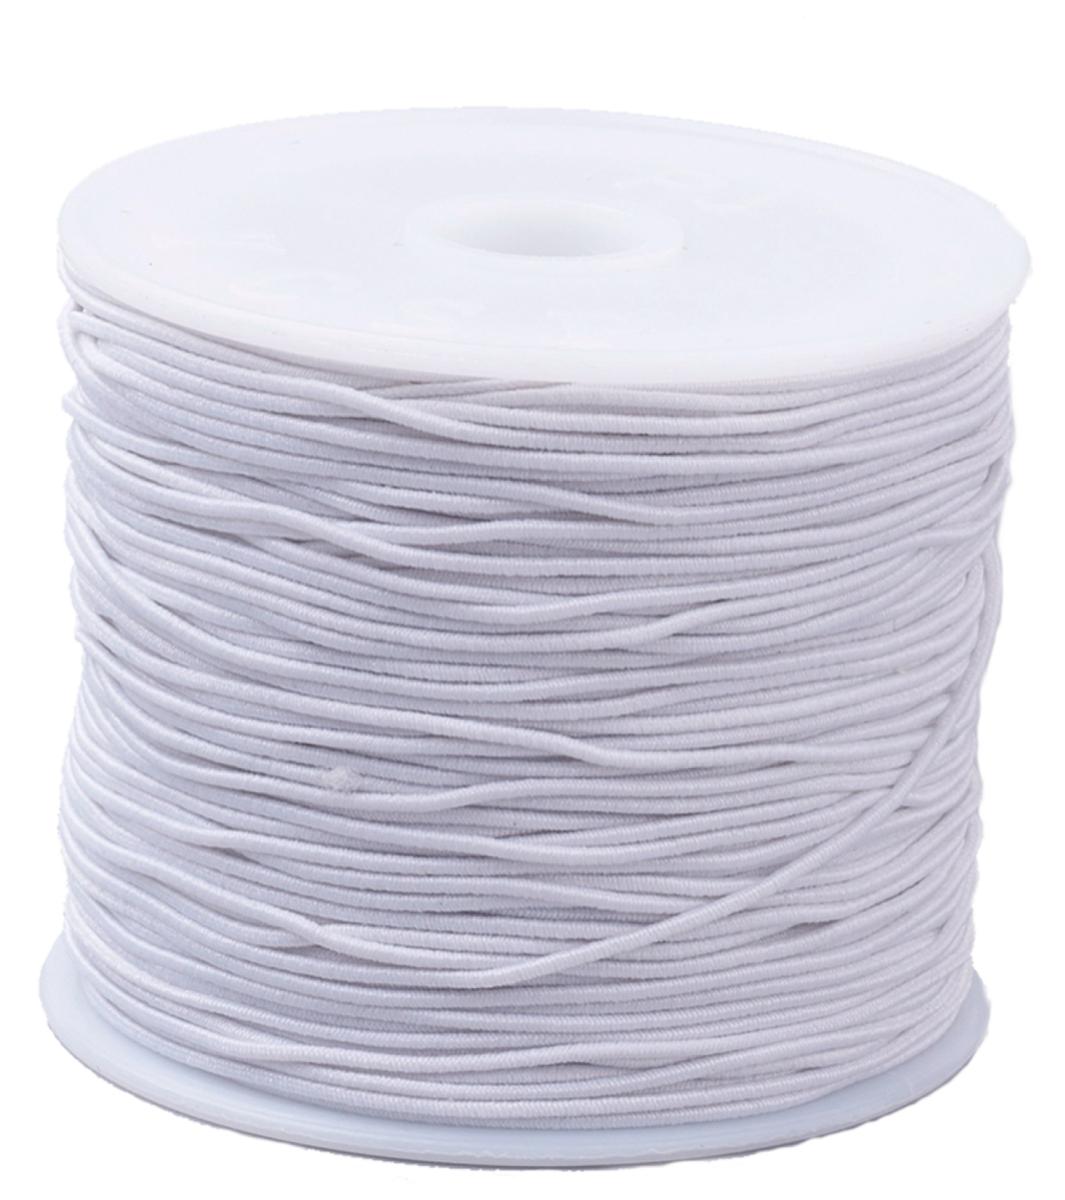 Elastikband schwarz oder weiß, 1 Rolle 20 Meter, 0,8mm Stärke